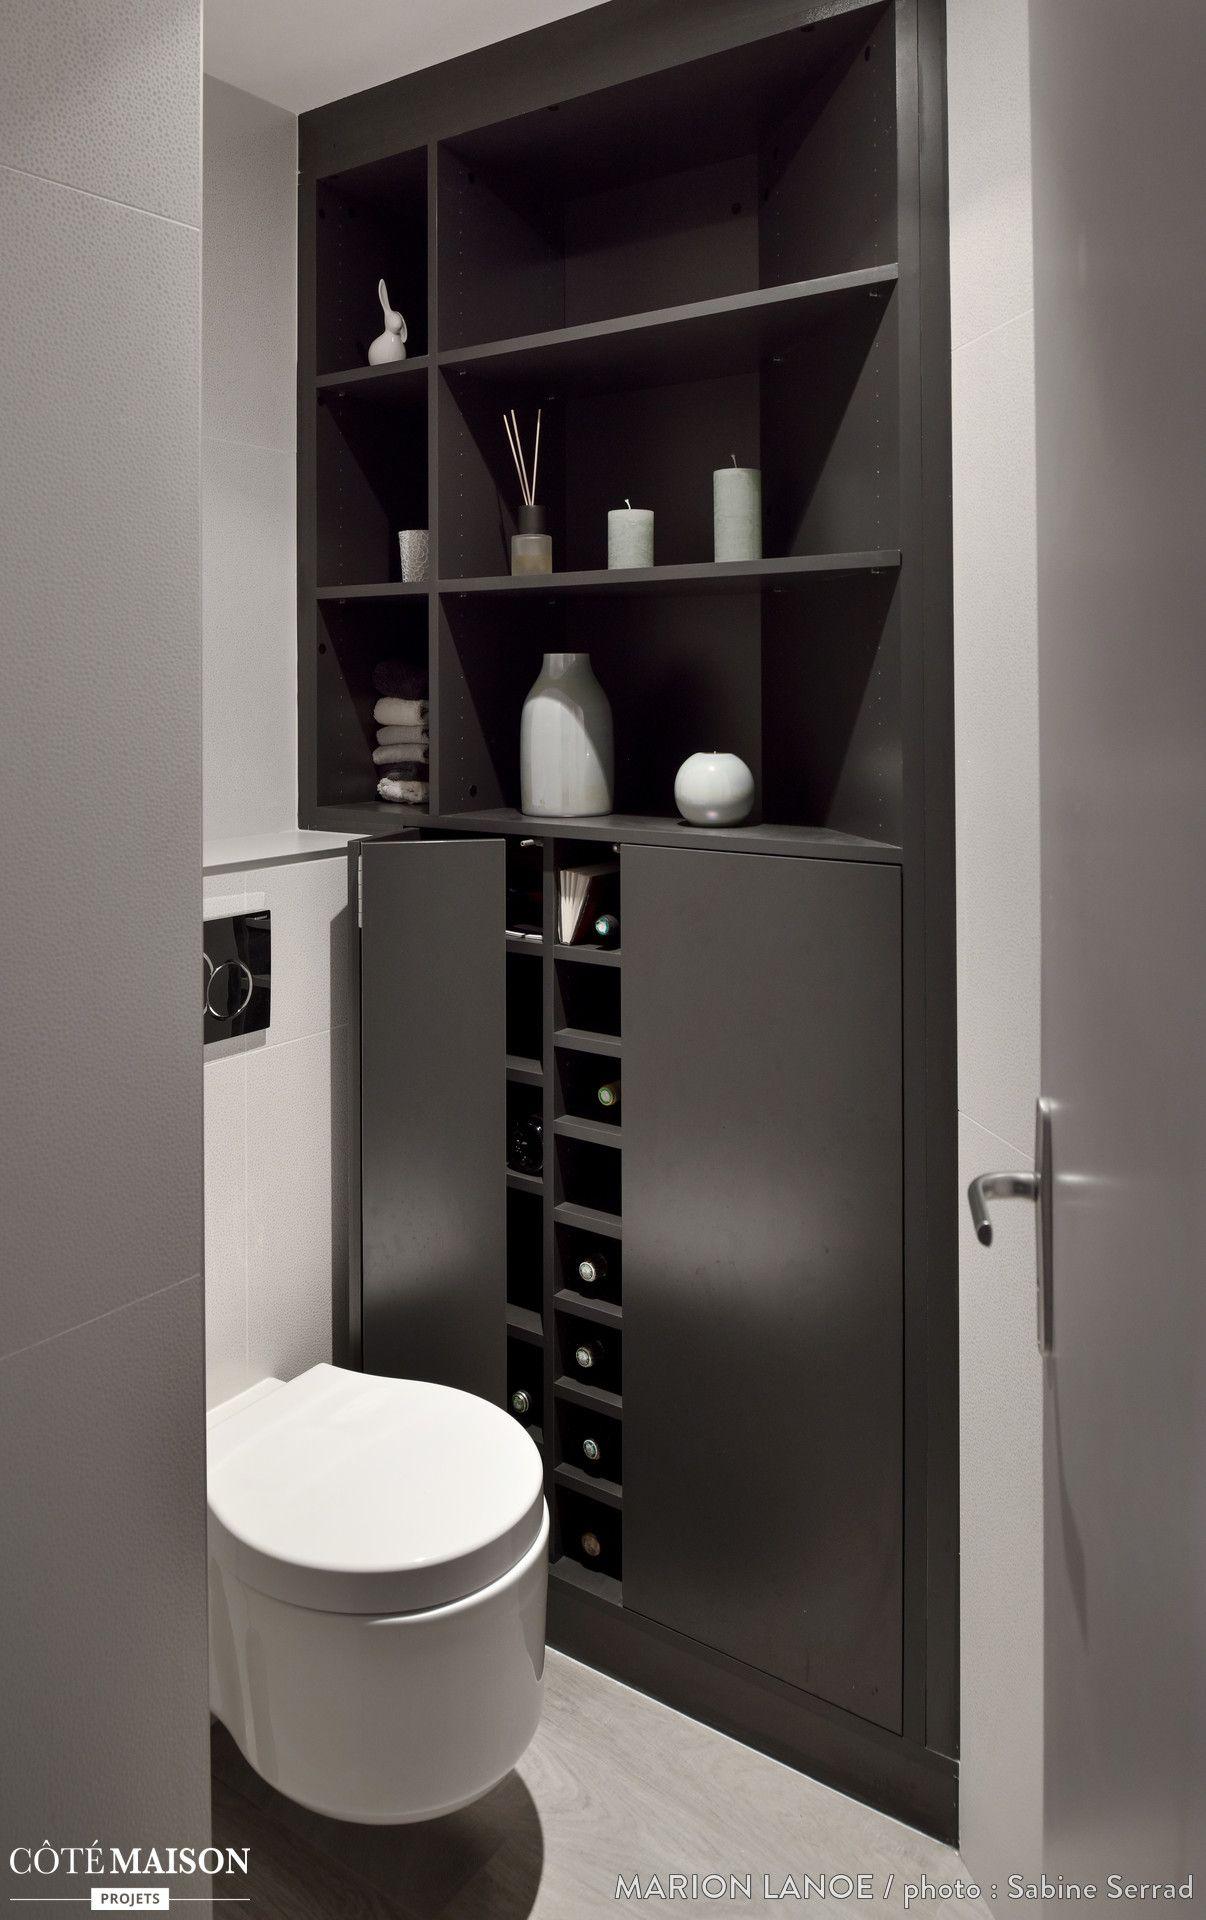 Panneaux Stratifies Salle De Bain Leroy Merlin ~ des toilettes design qui mettent en valeur les objets de d co